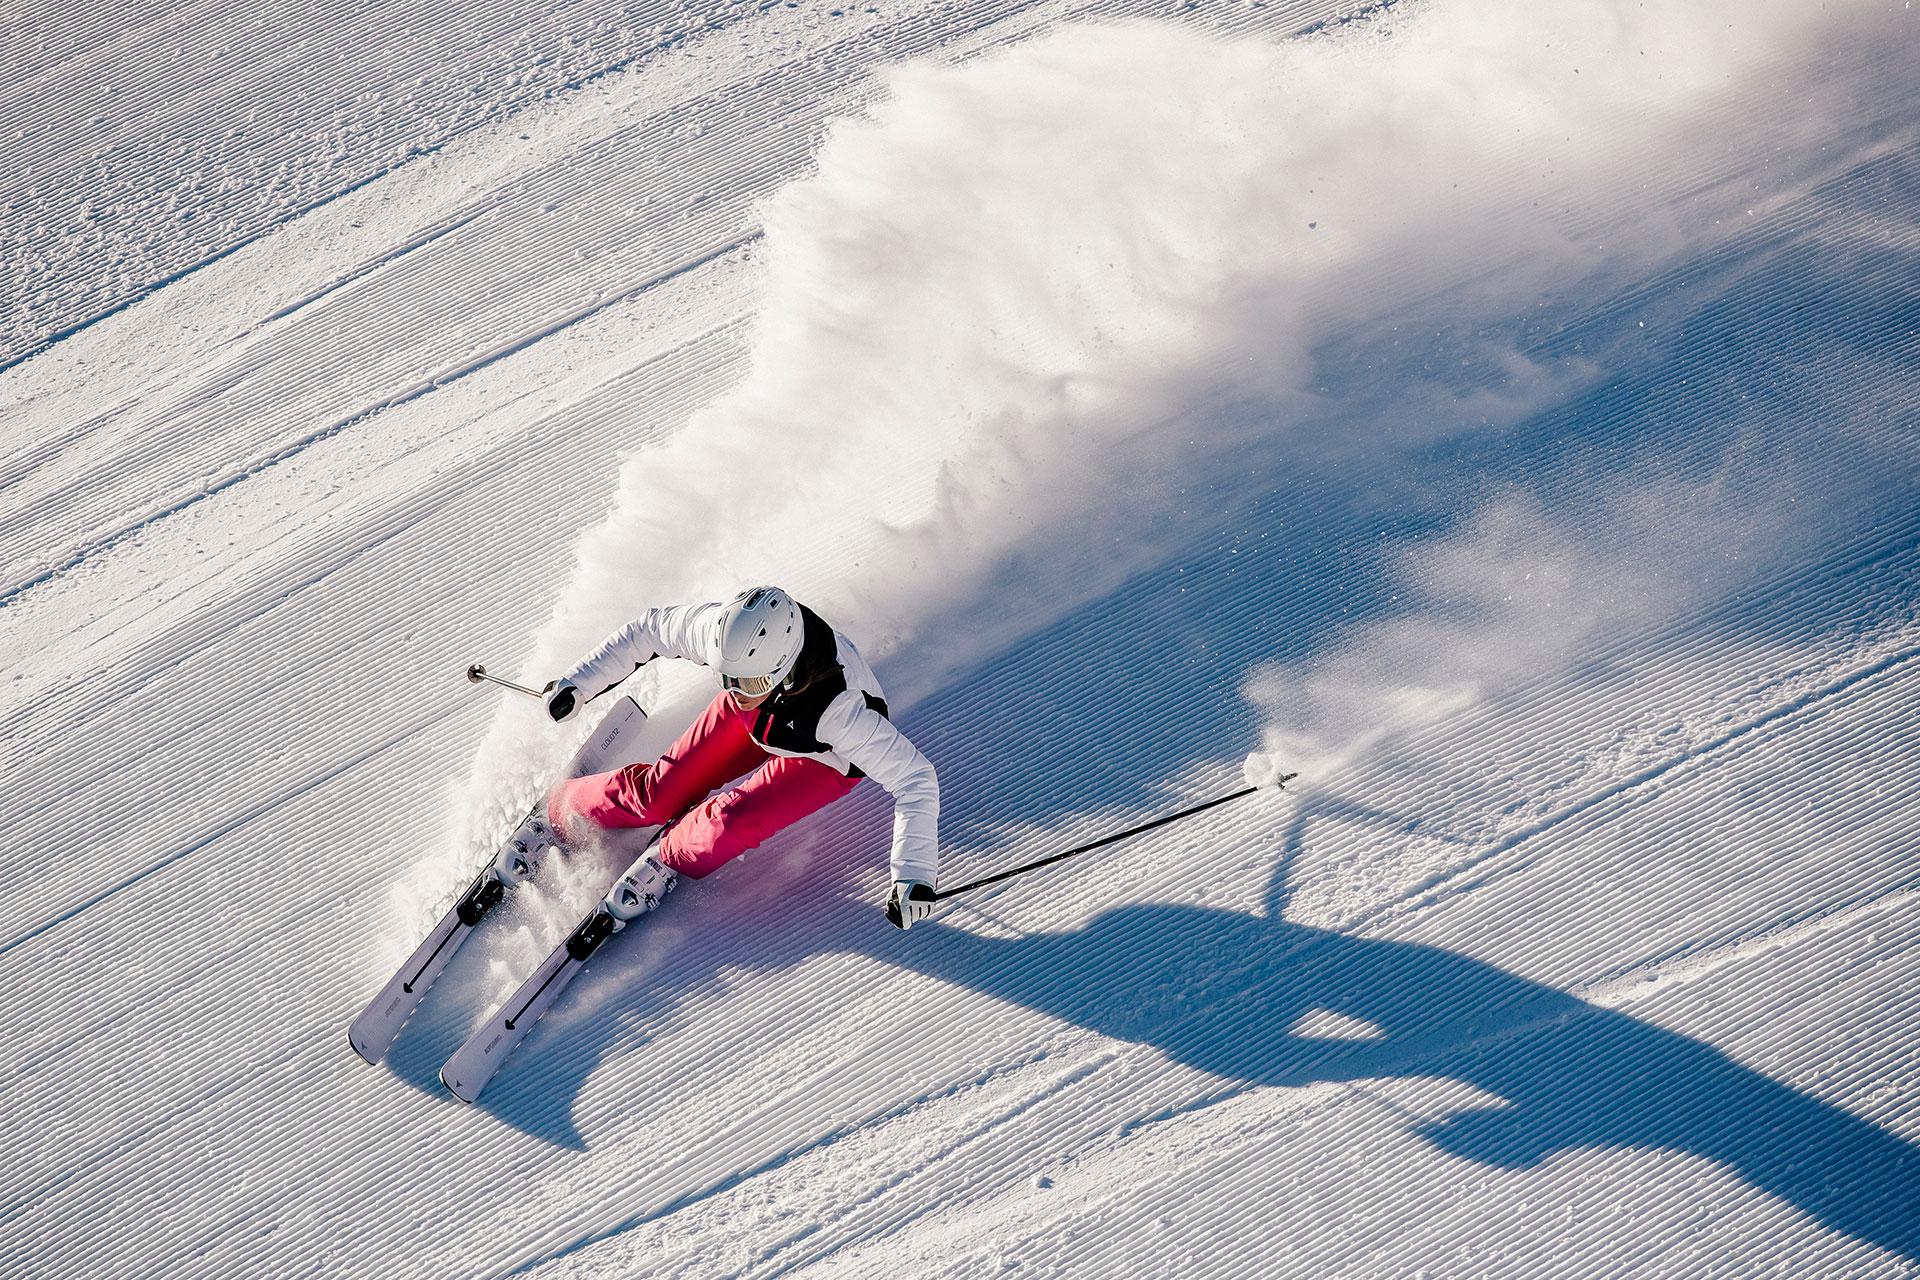 Ski Alpin Aktion Fotograf Michael Müller Carving Piste Winter Schnee Outdoor Sort